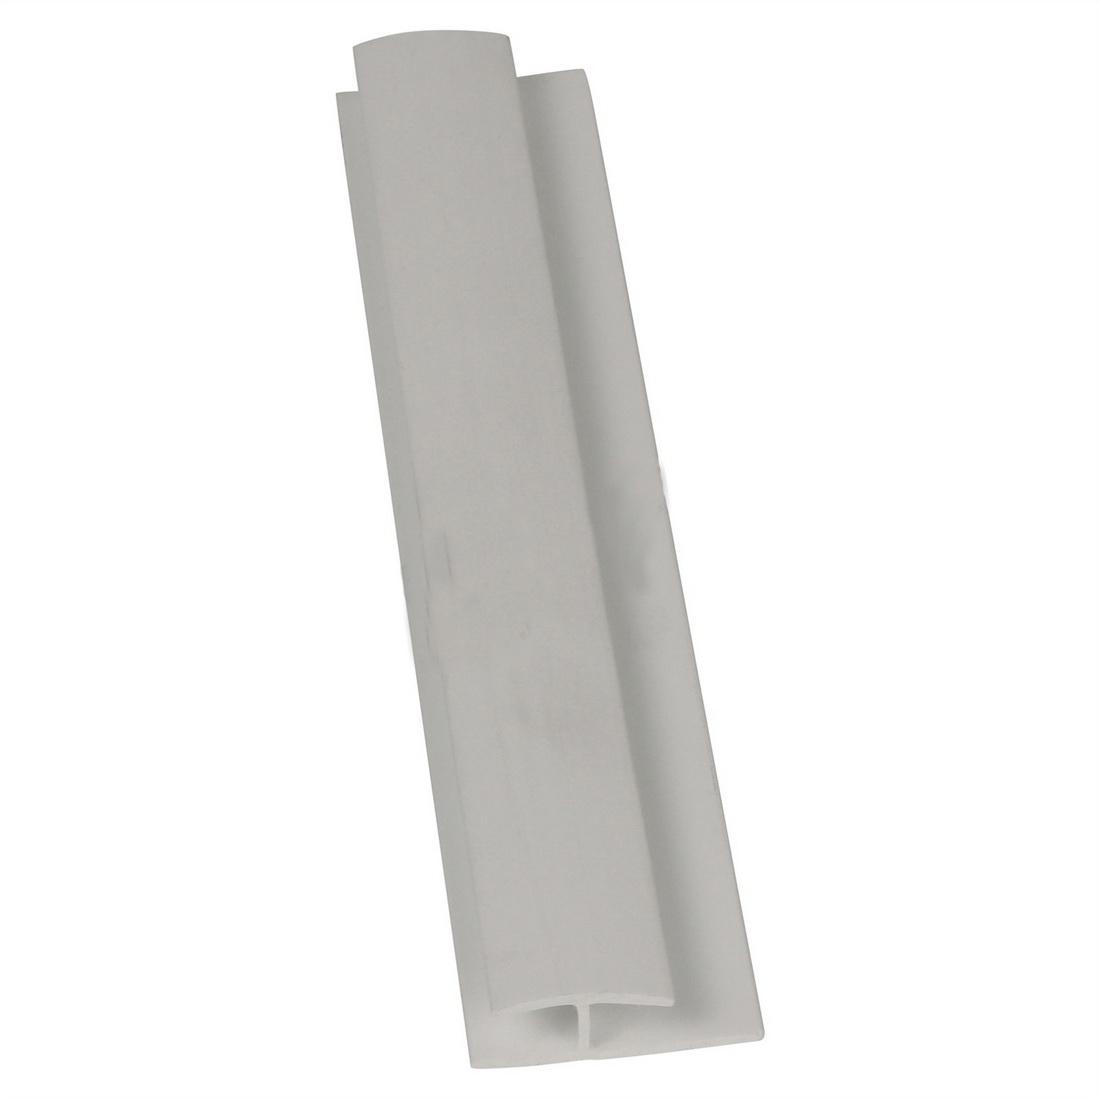 HardieJointer PVC Jointer 5mm 2400mm